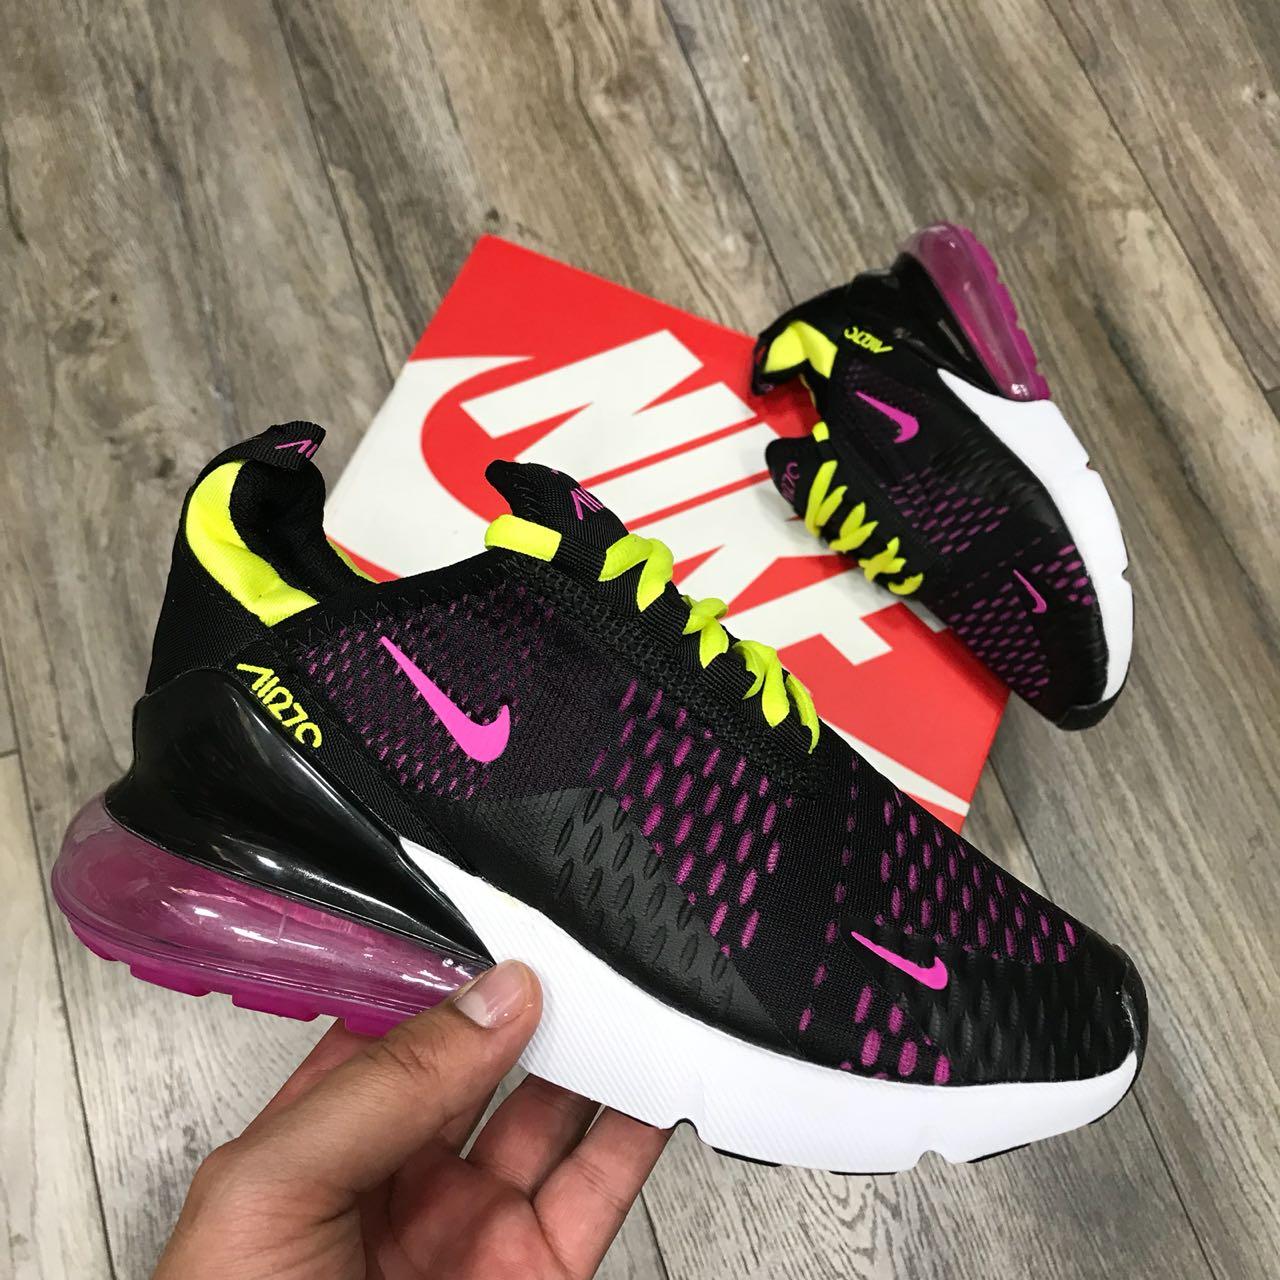 Zapatillas Nike air max 270 Importadas dama y caballero ...